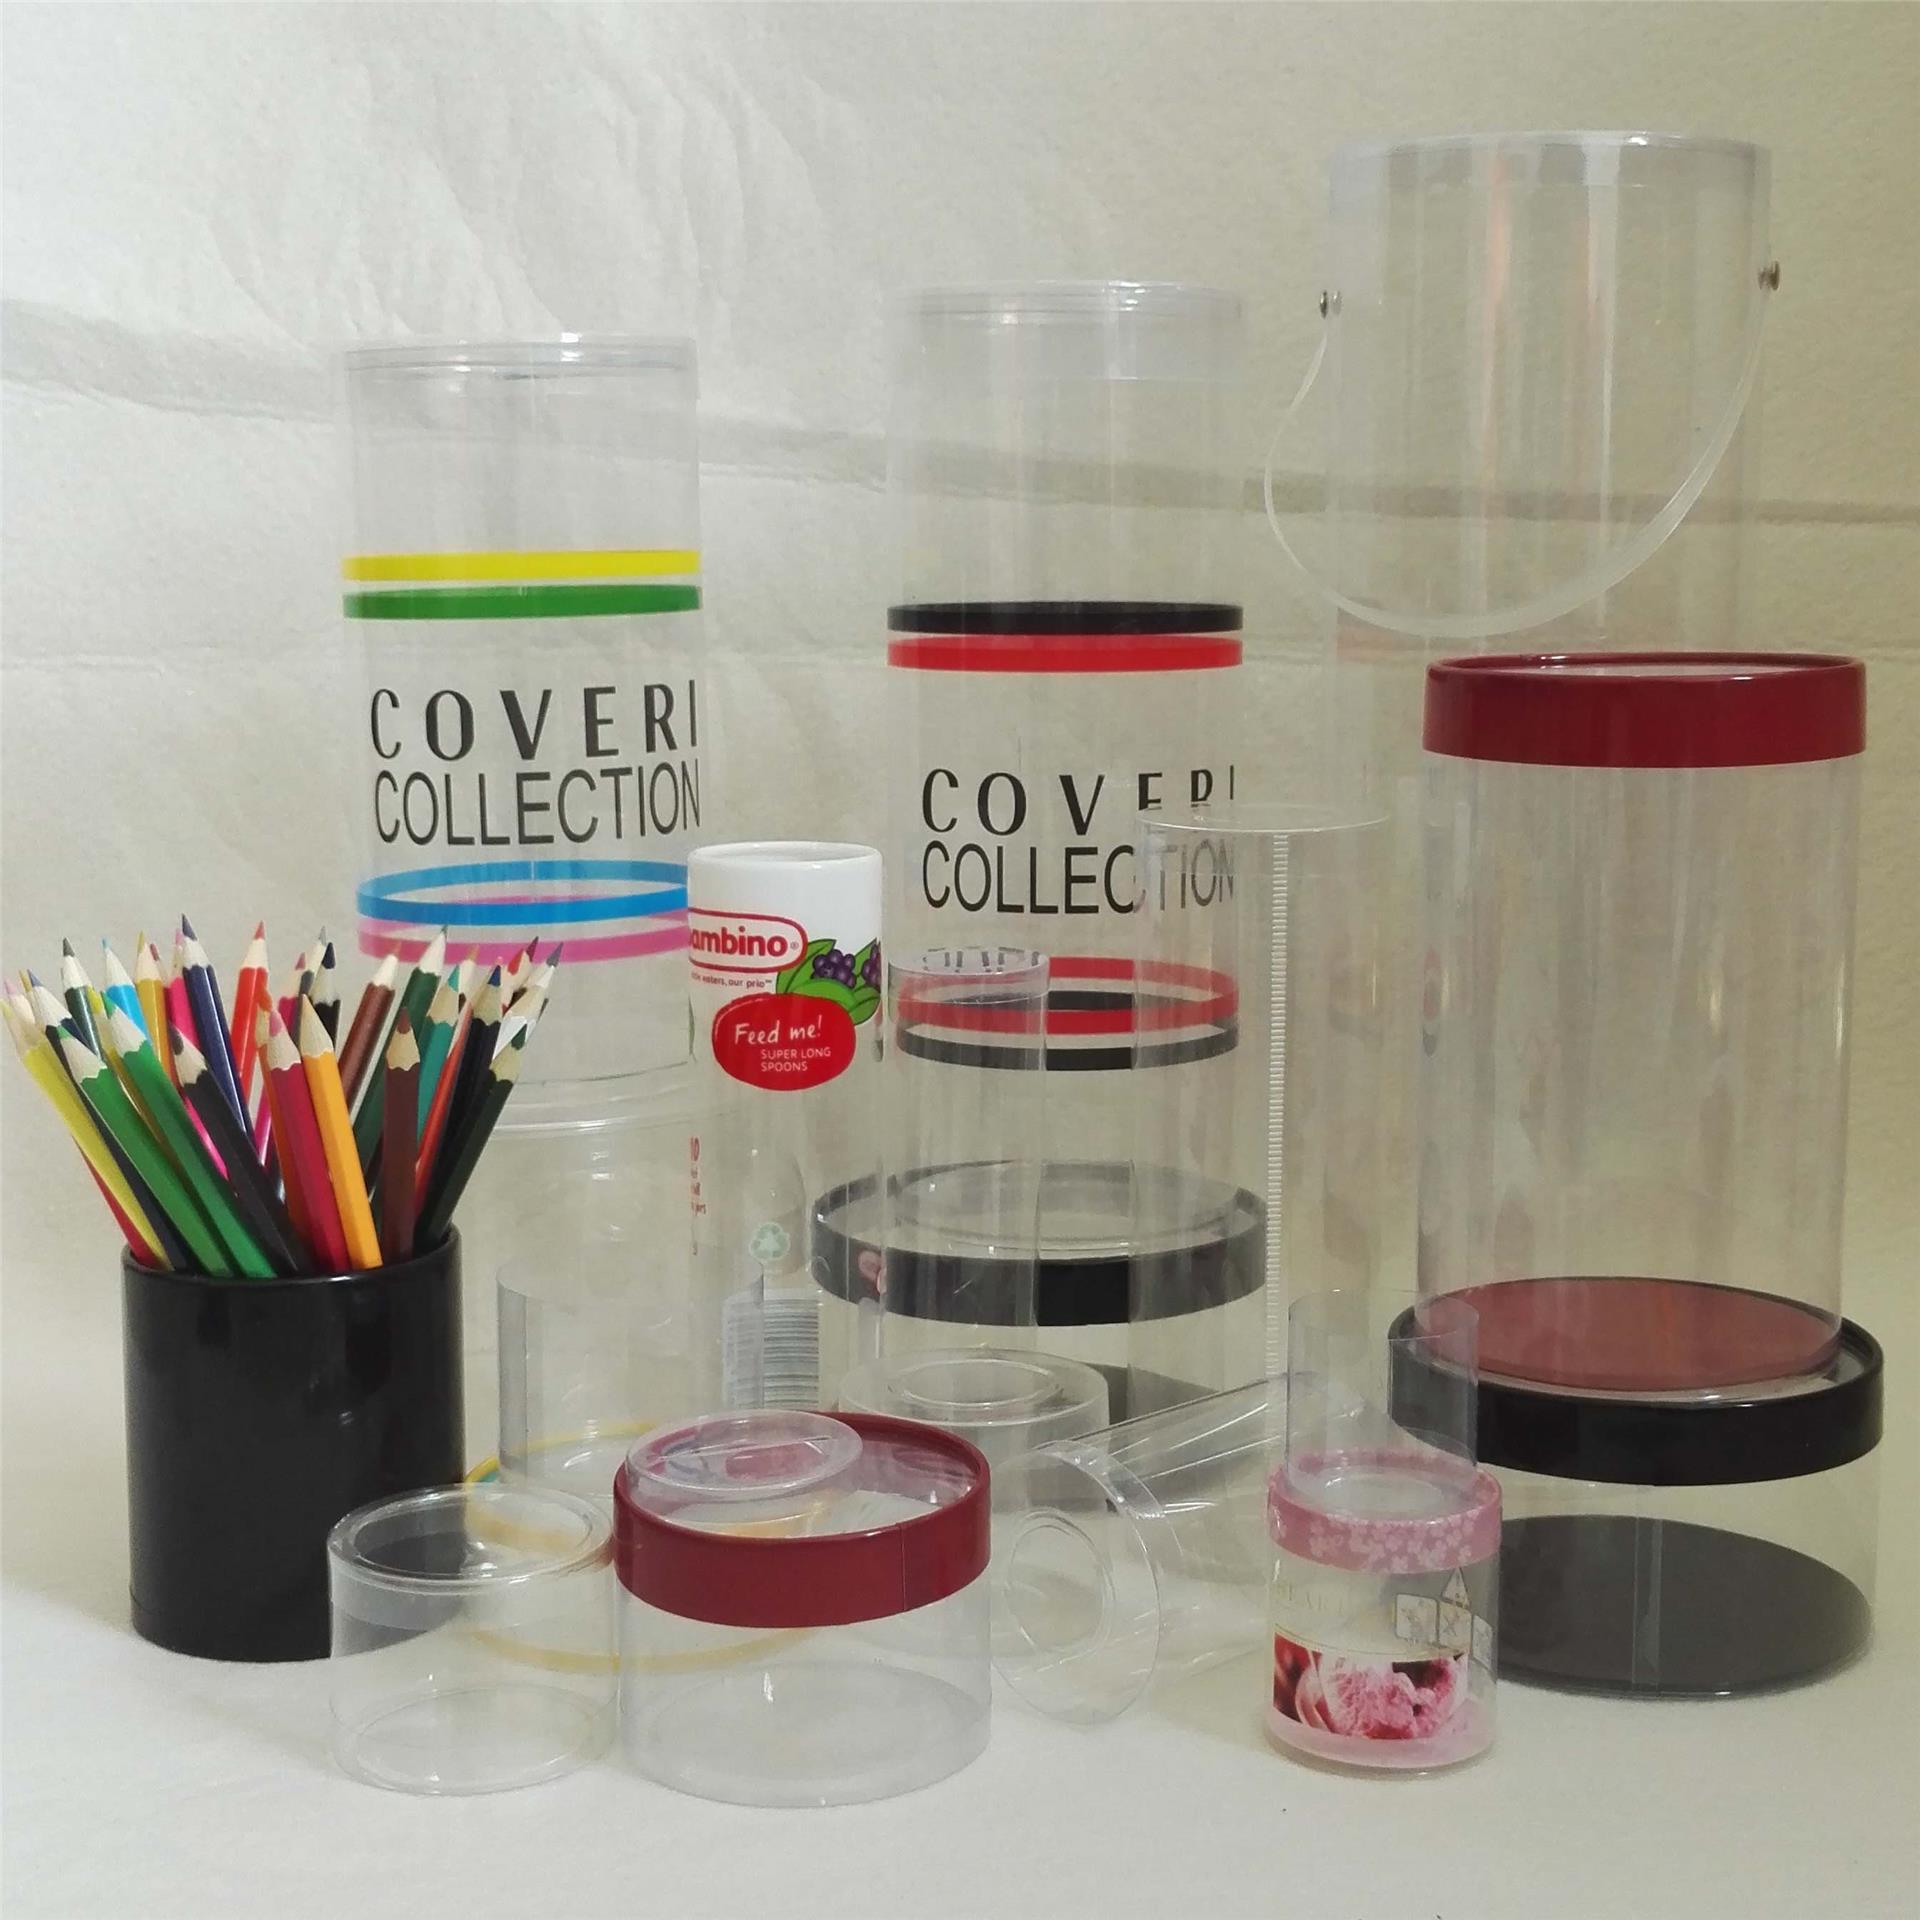 义乌厂家直销定制高档PVC圆筒盒uv印刷圆形包装盒子带盖pvc圆筒盒